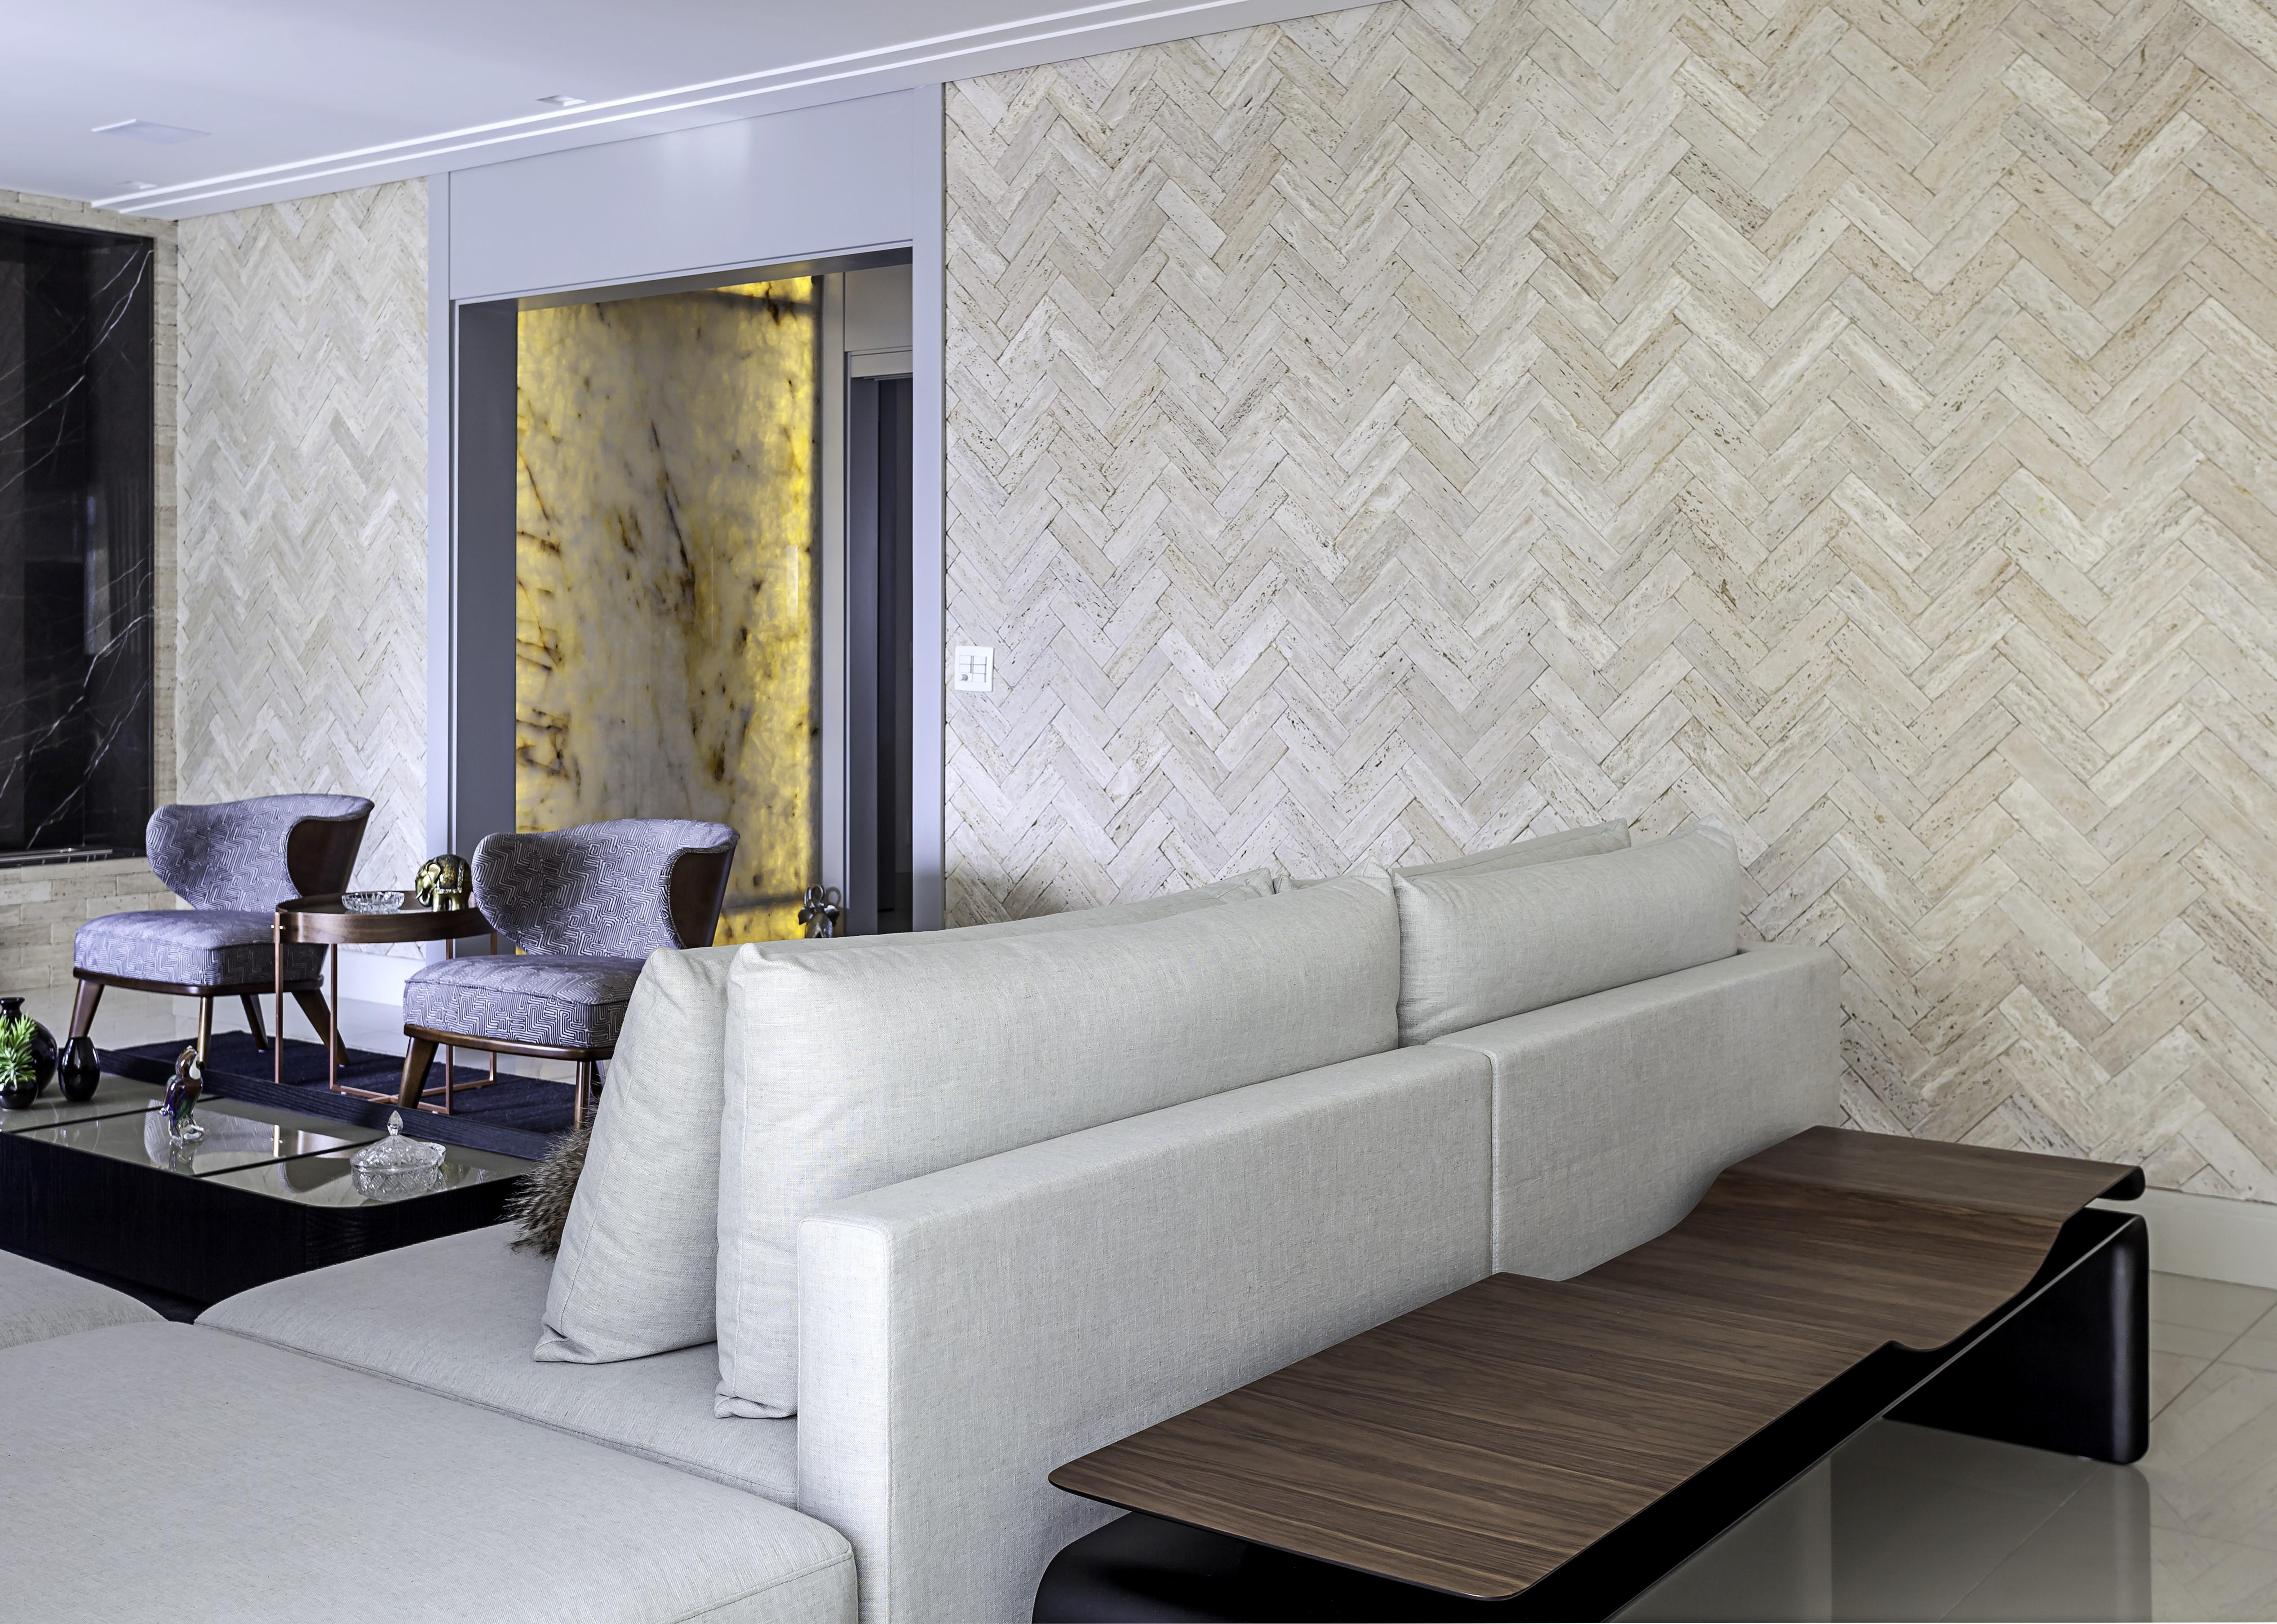 parede de tijolinho com revestimento cerâmica